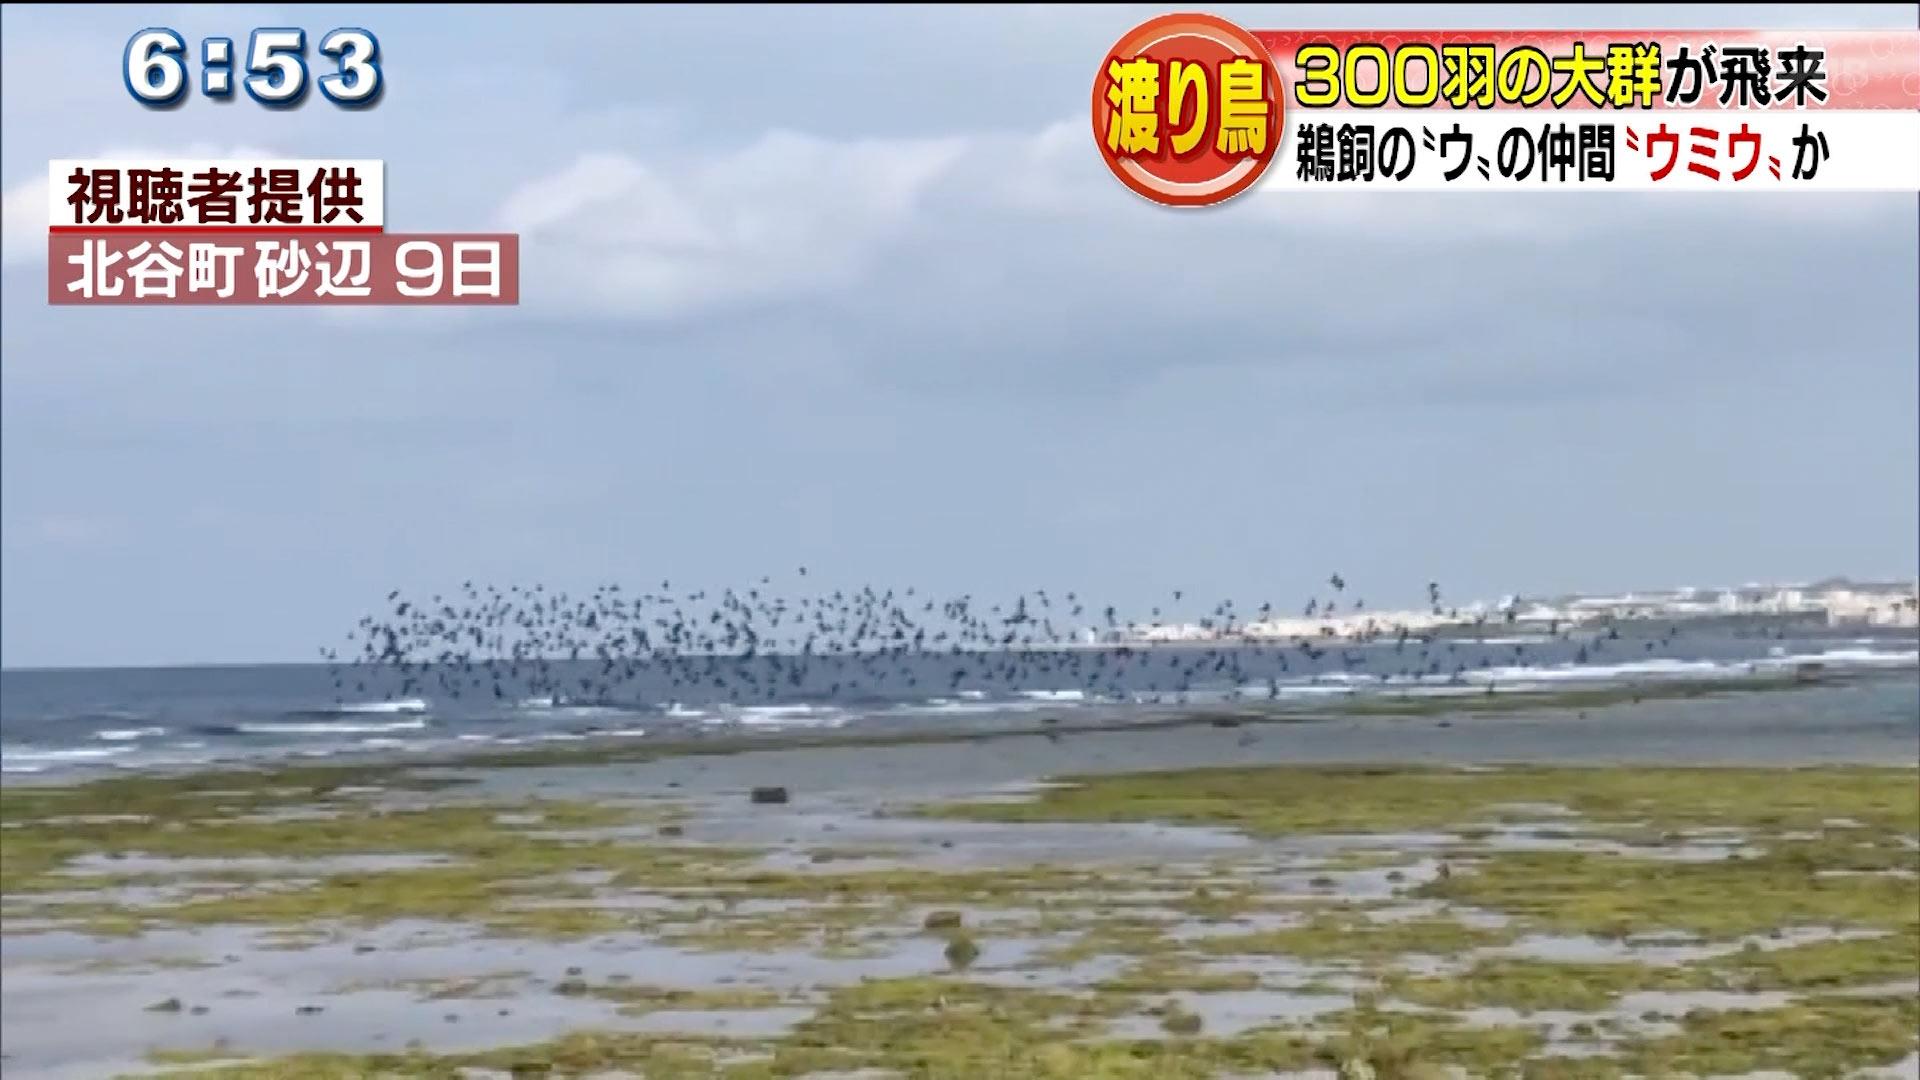 渡り鳥300羽 ウミウか?